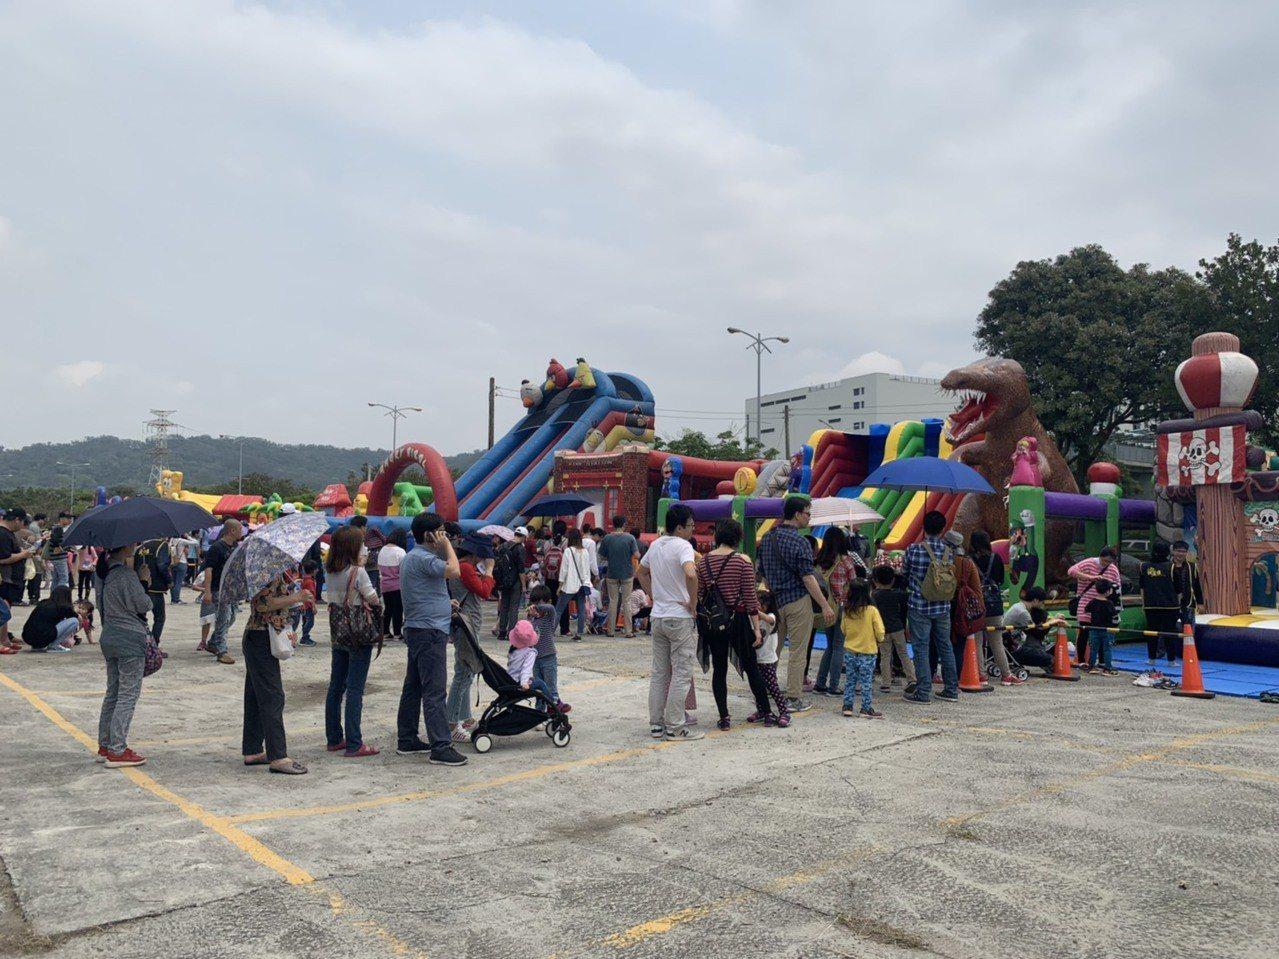 今天是兒童節4天連假首日,新竹縣竹北市公所從今天起至6日舉辦為期三天的兒童節活動...